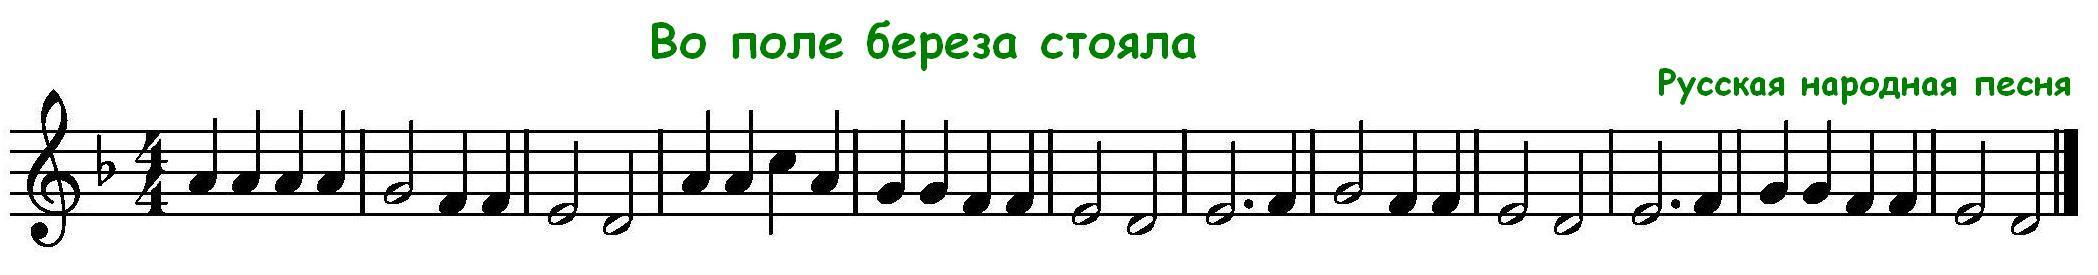 Музыка для начинающих - Ноты для блокфлейты Одинокий Пастух Ноты